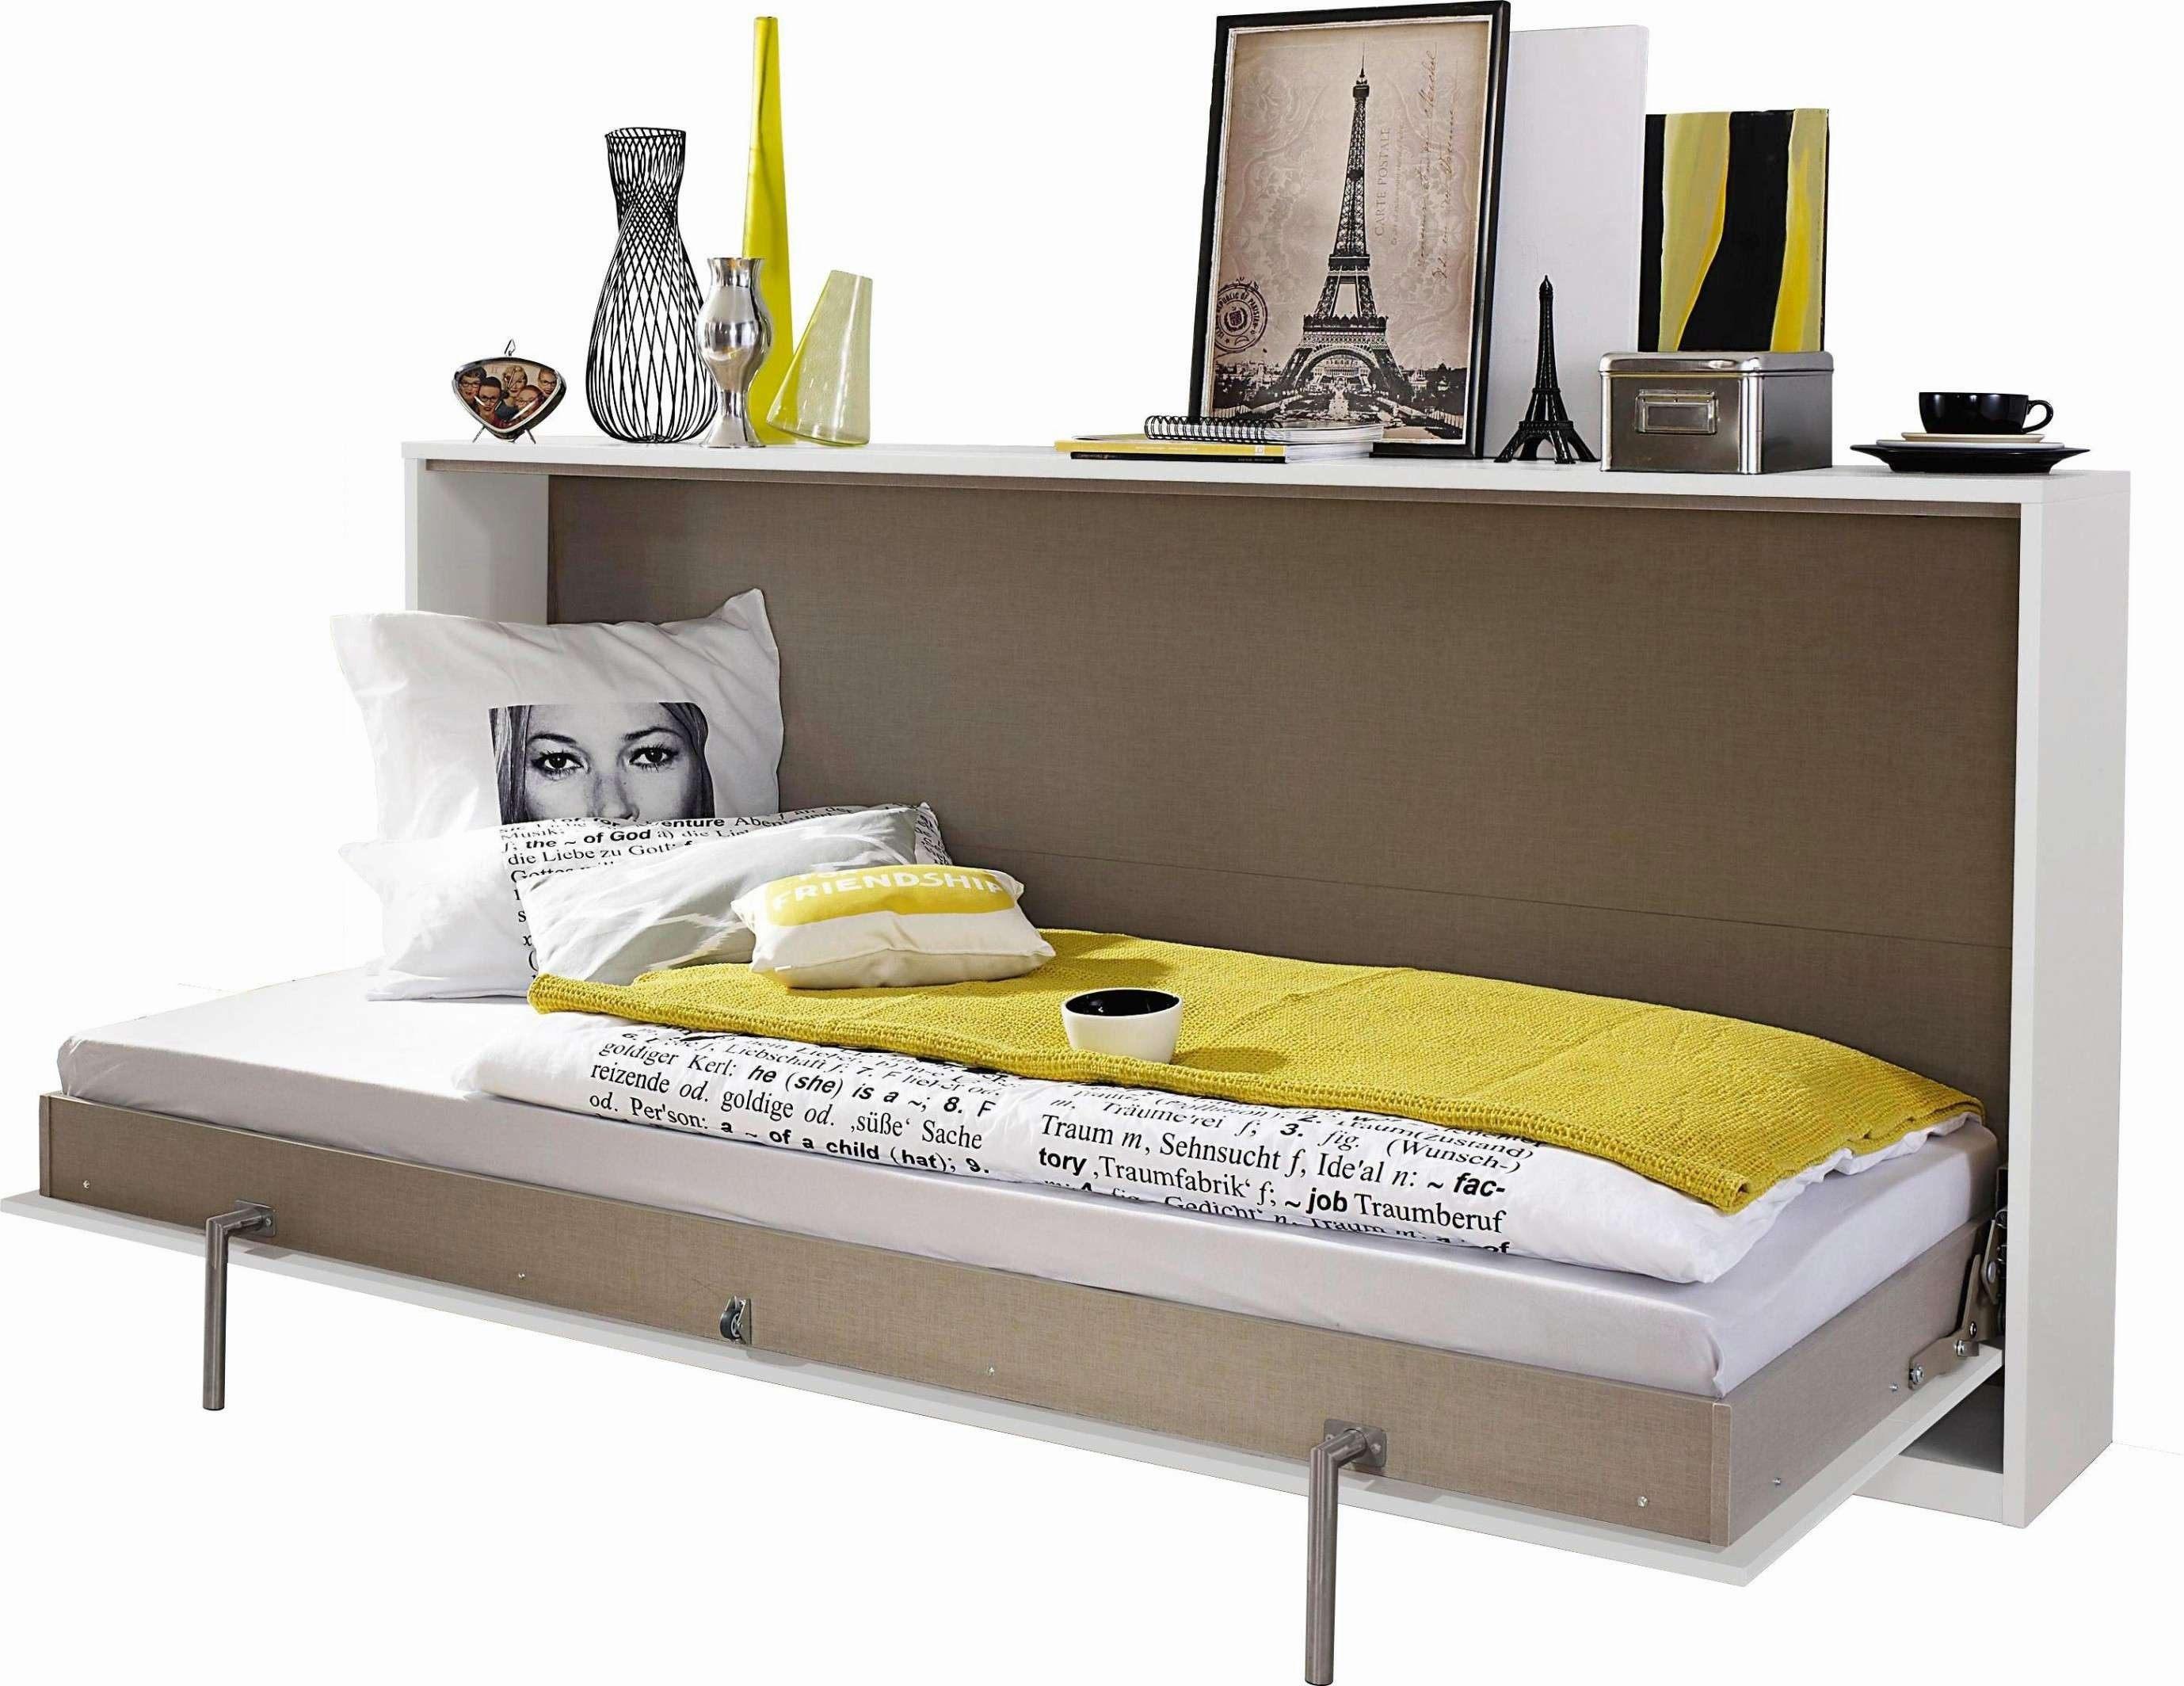 Tete De Lit Etagere Fraîche Adorable Etagere Tete De Lit Ikea  Tete De Lit Led L Gant 30 L Gant